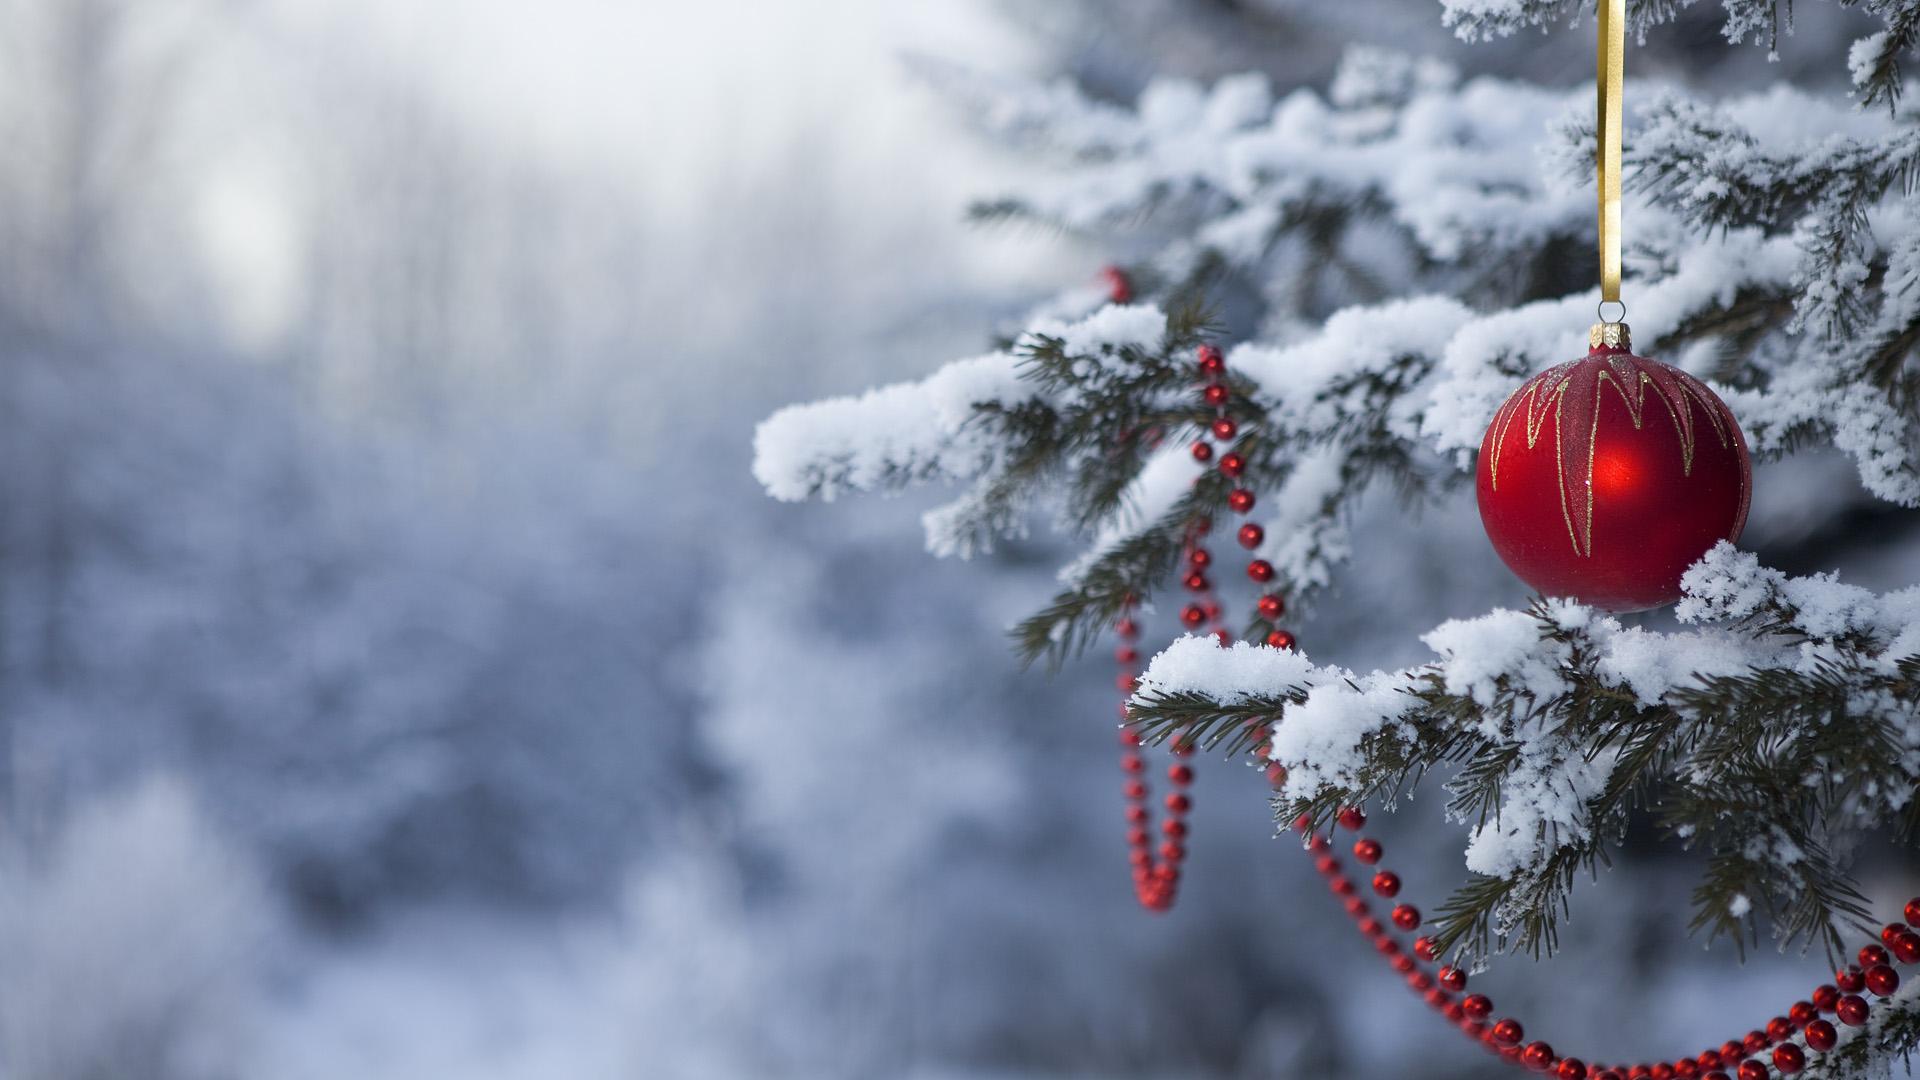 Обои новогодняя, игрушка, елка, в снегу